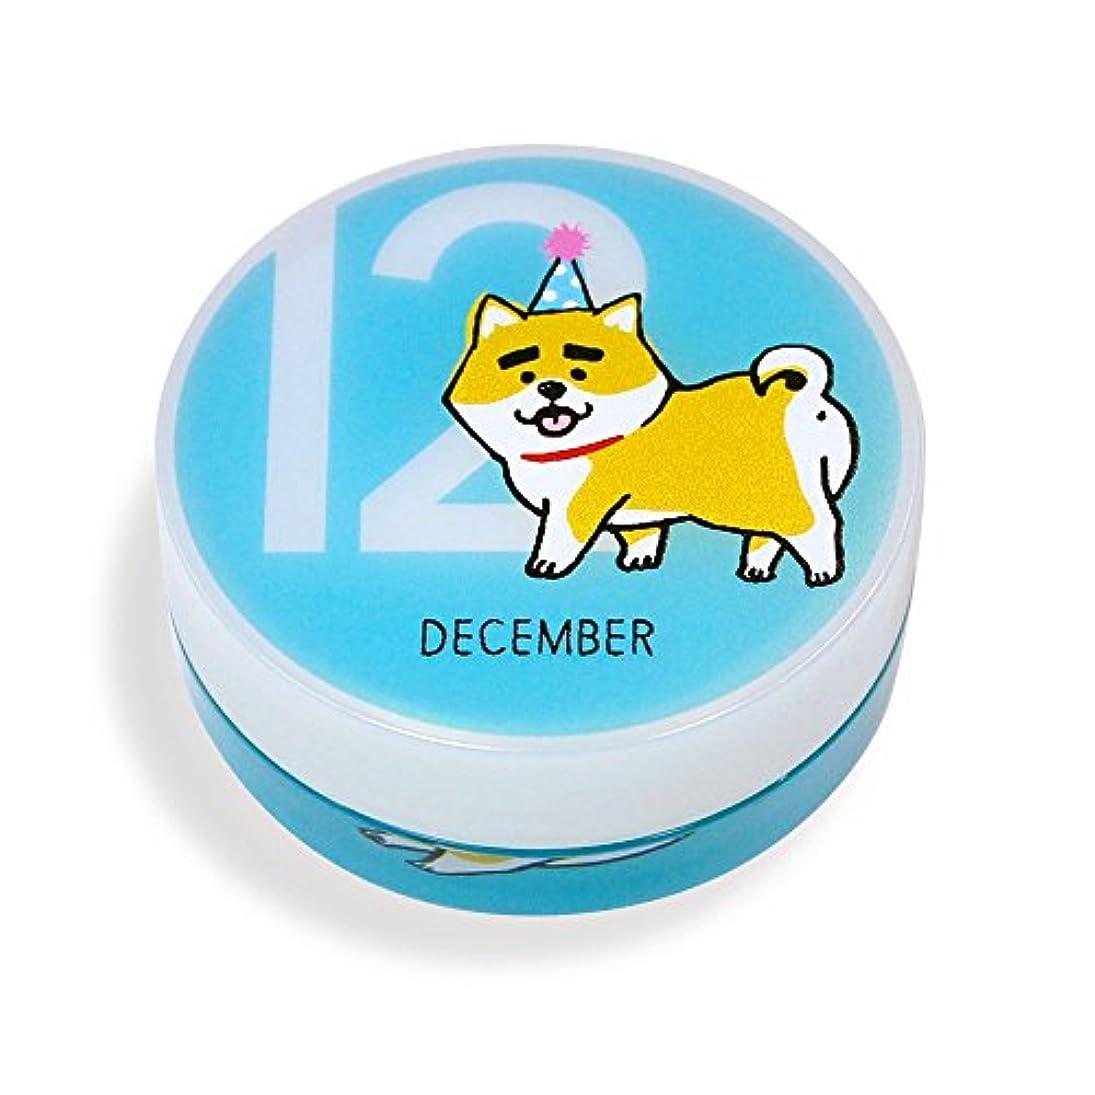 そこ光のリングレットしばんばん フルプルクリーム 誕生月シリーズ 12月 20g